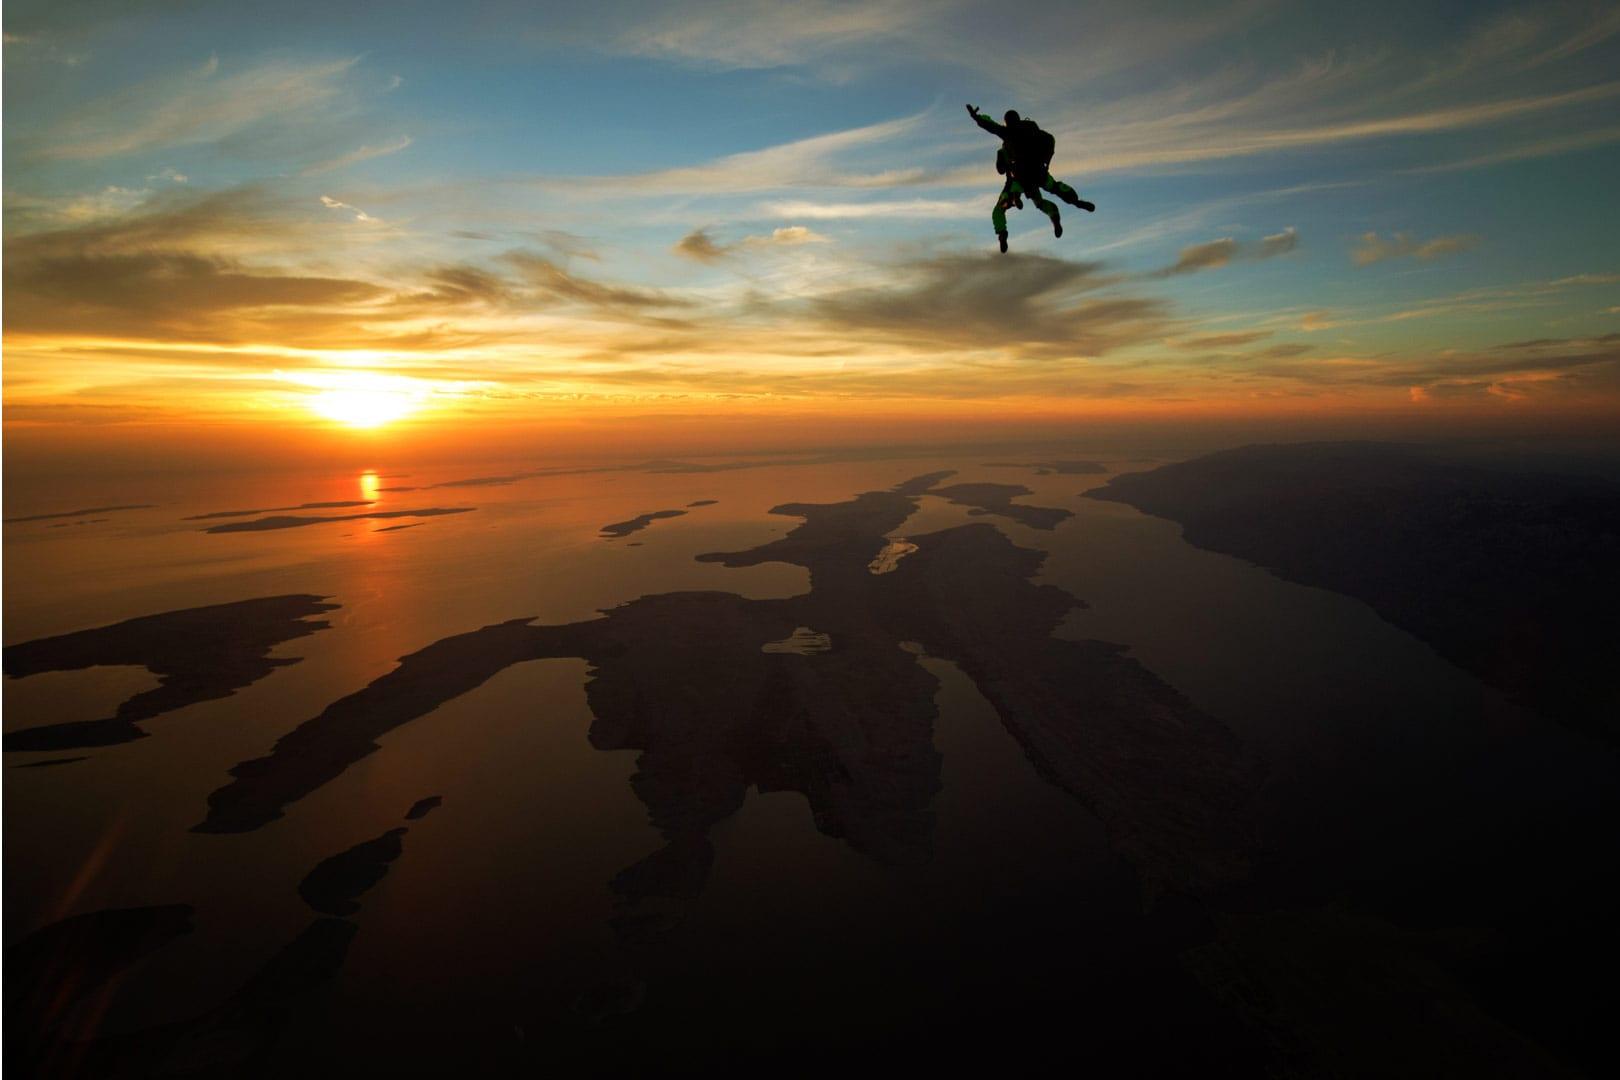 Sunset skydiving Croatia